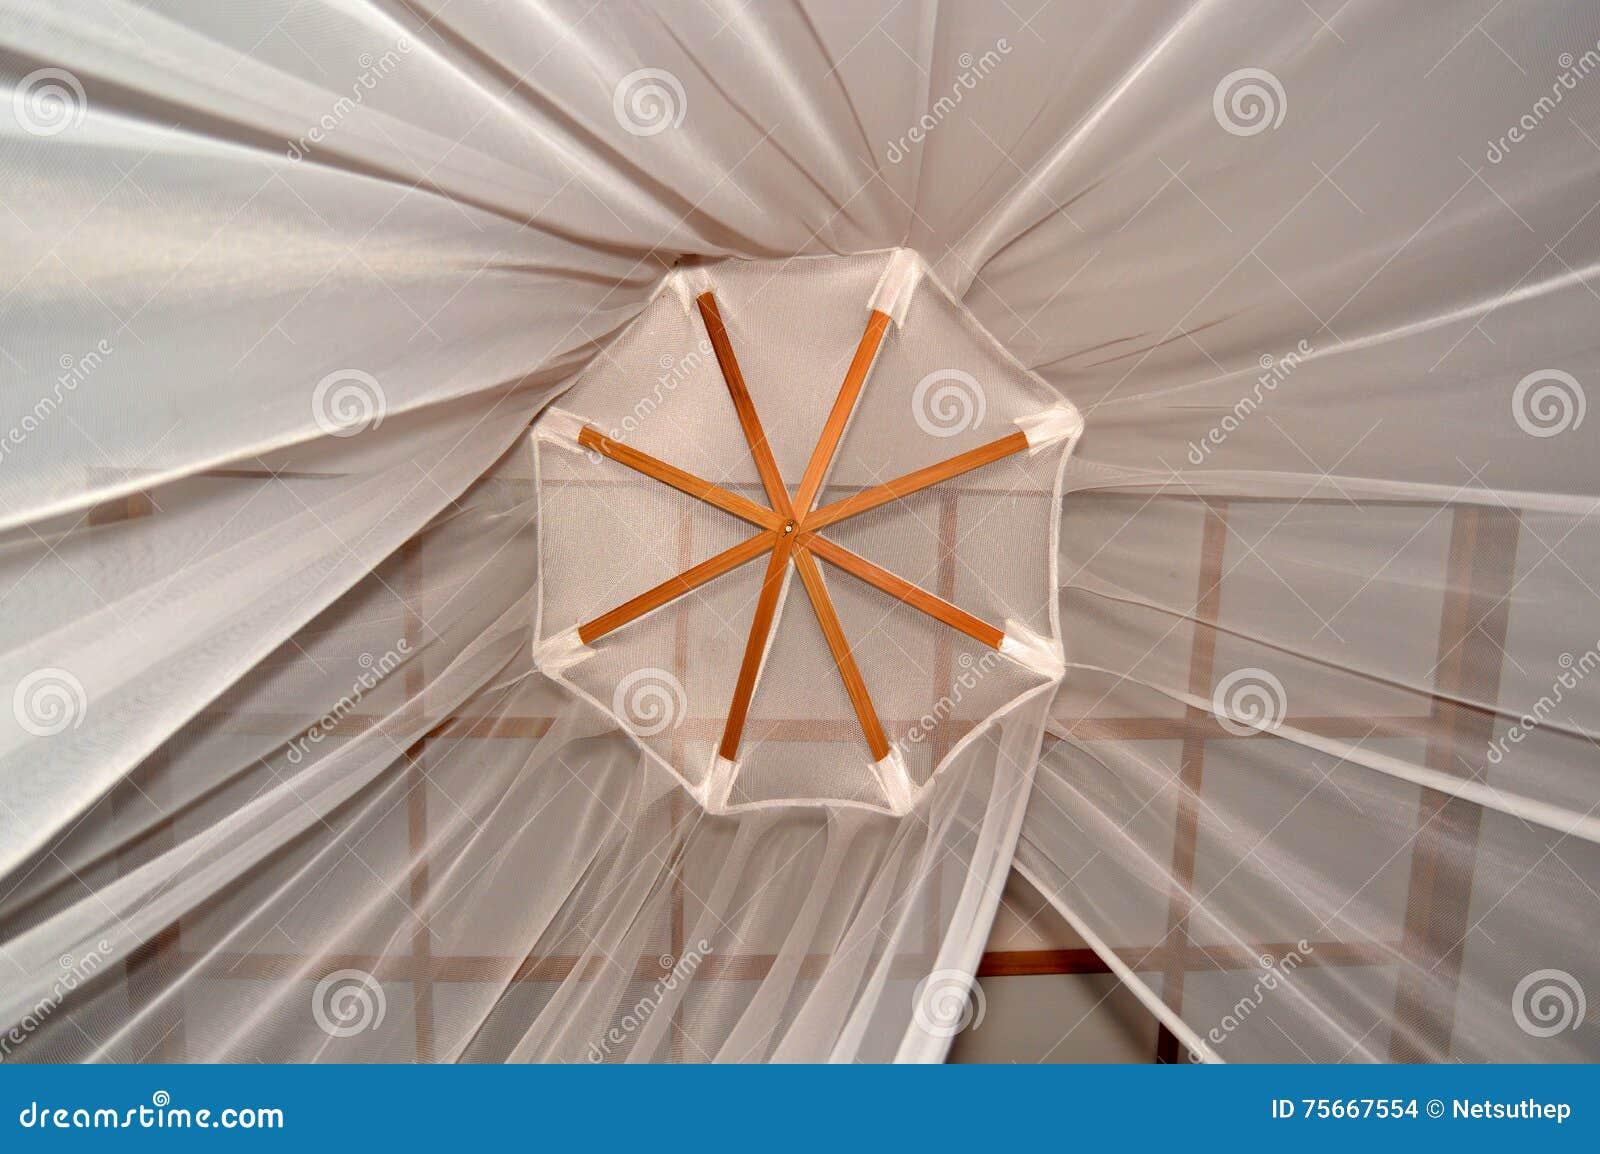 Zanzariera Da Letto : Zanzariera appesa su in camera da letto fotografia stock